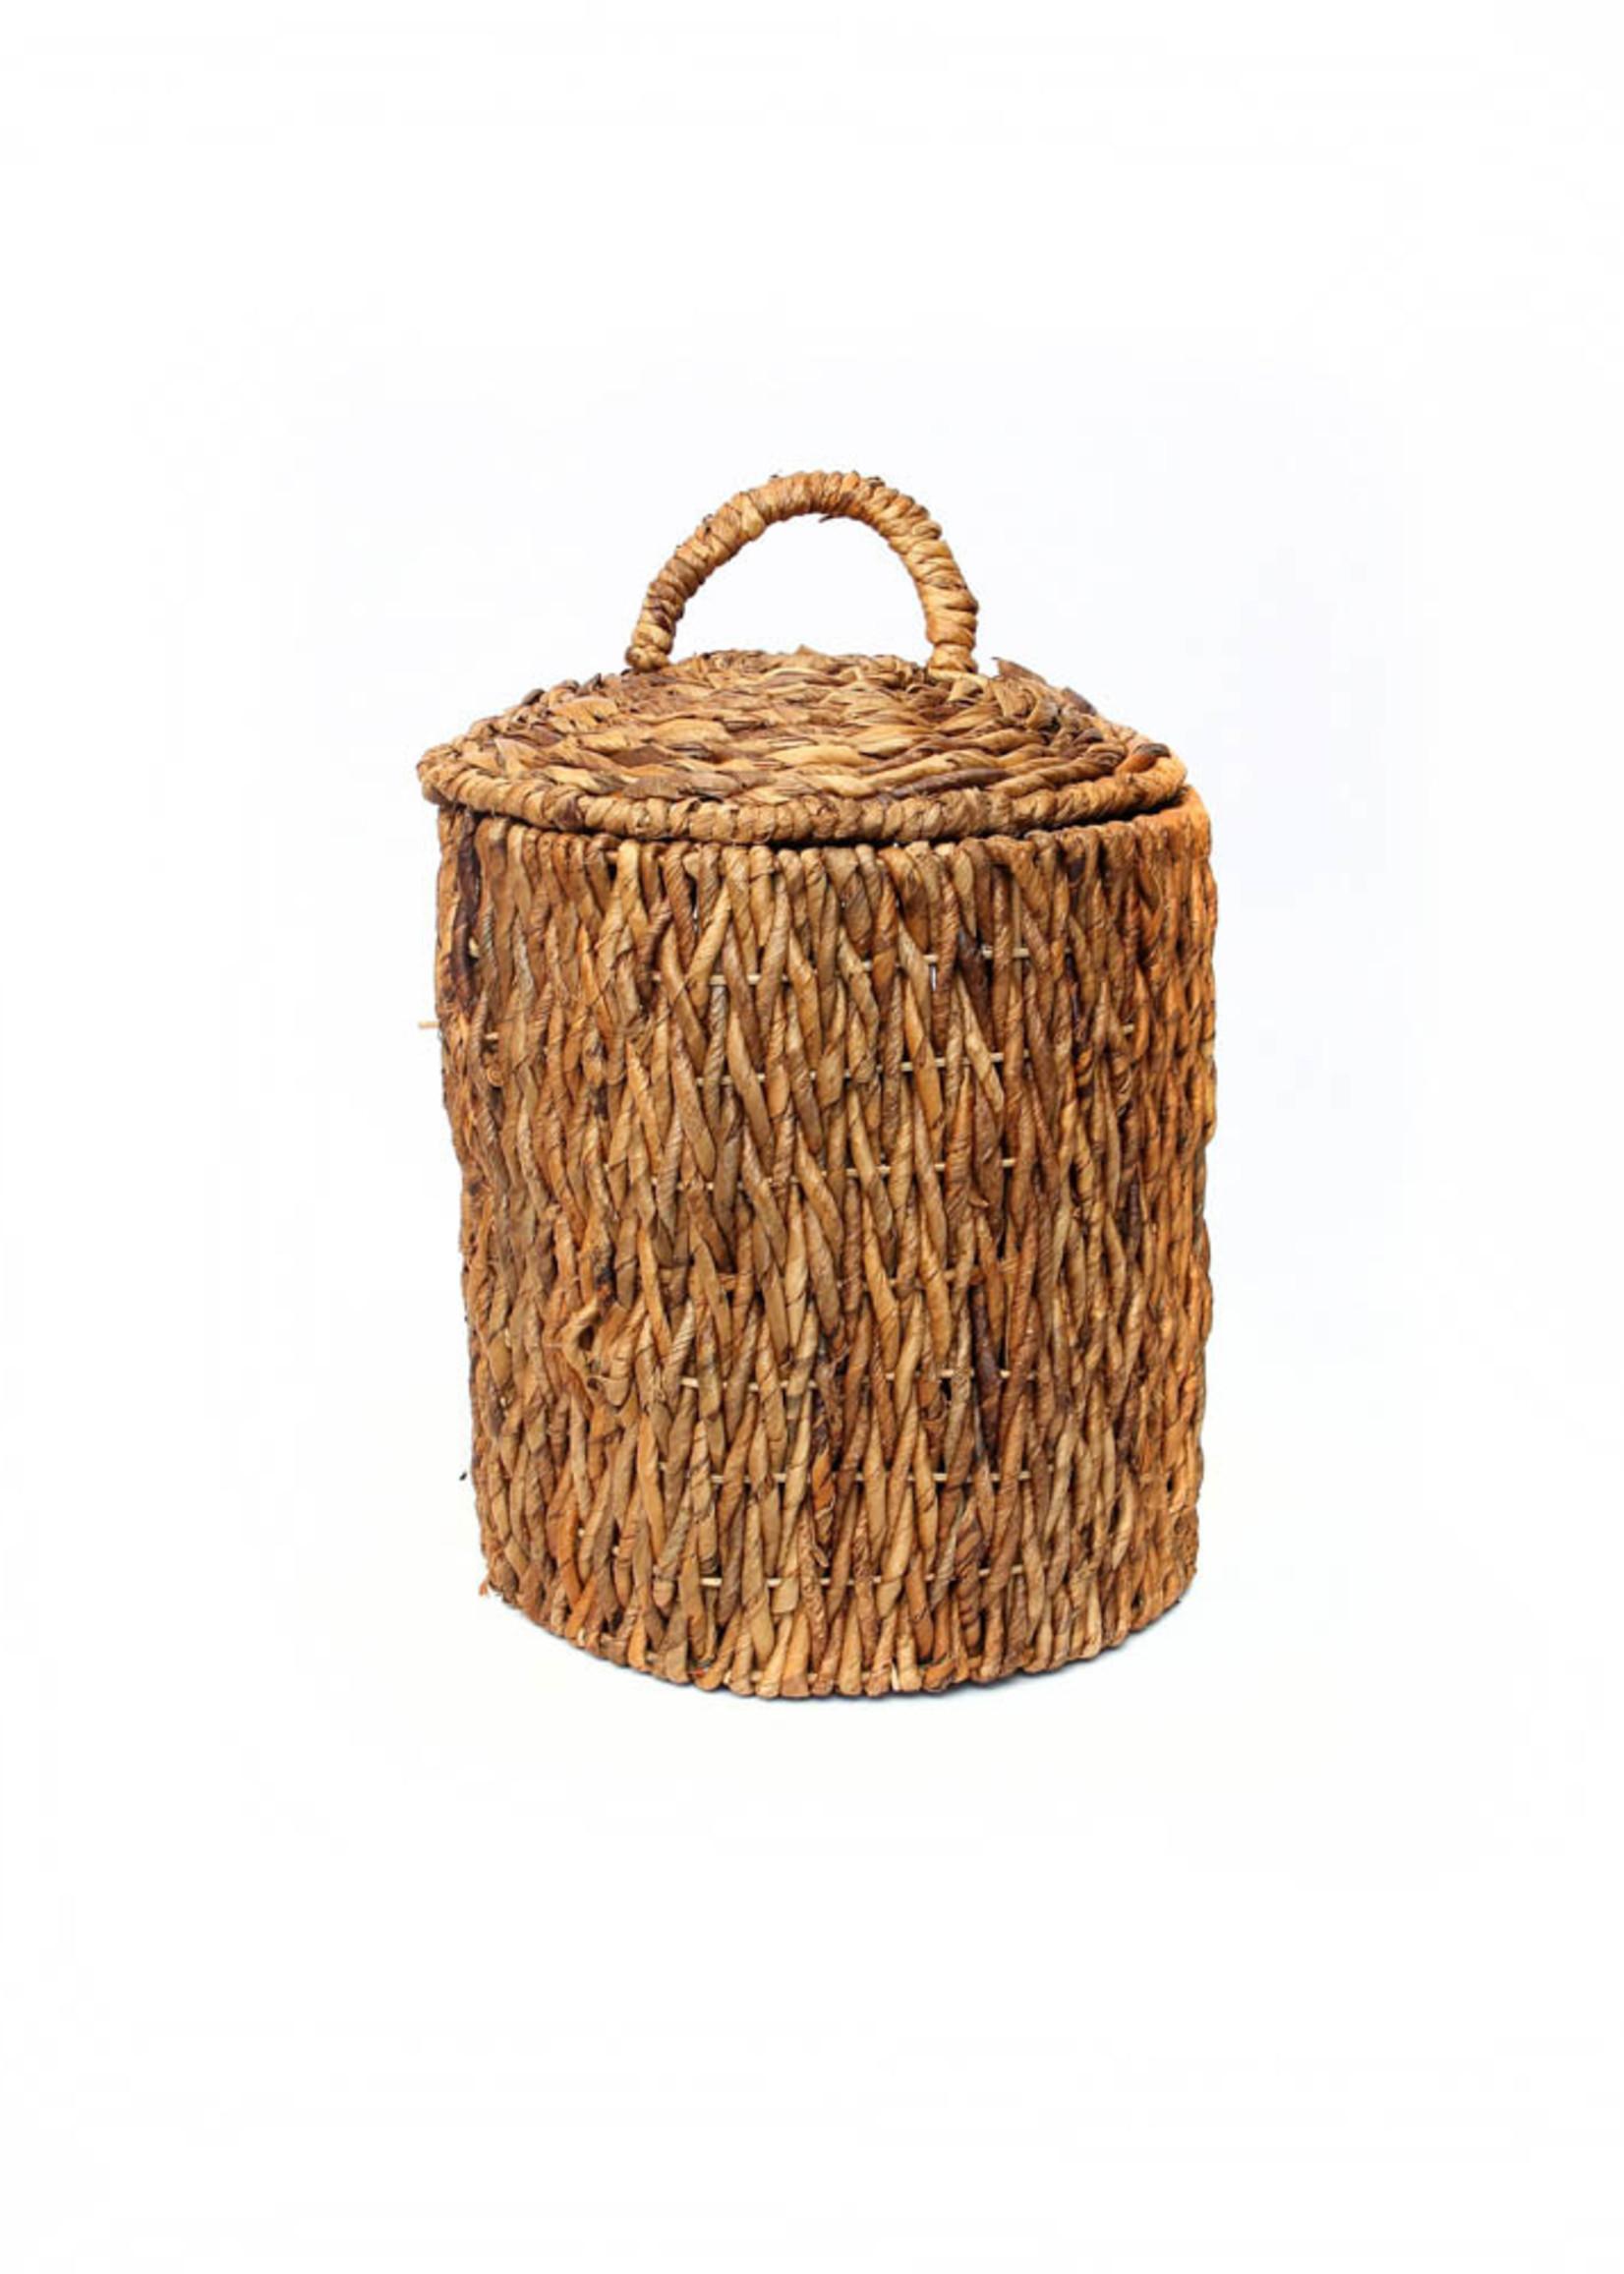 The Banana Laundry Baskets - Natural - Small